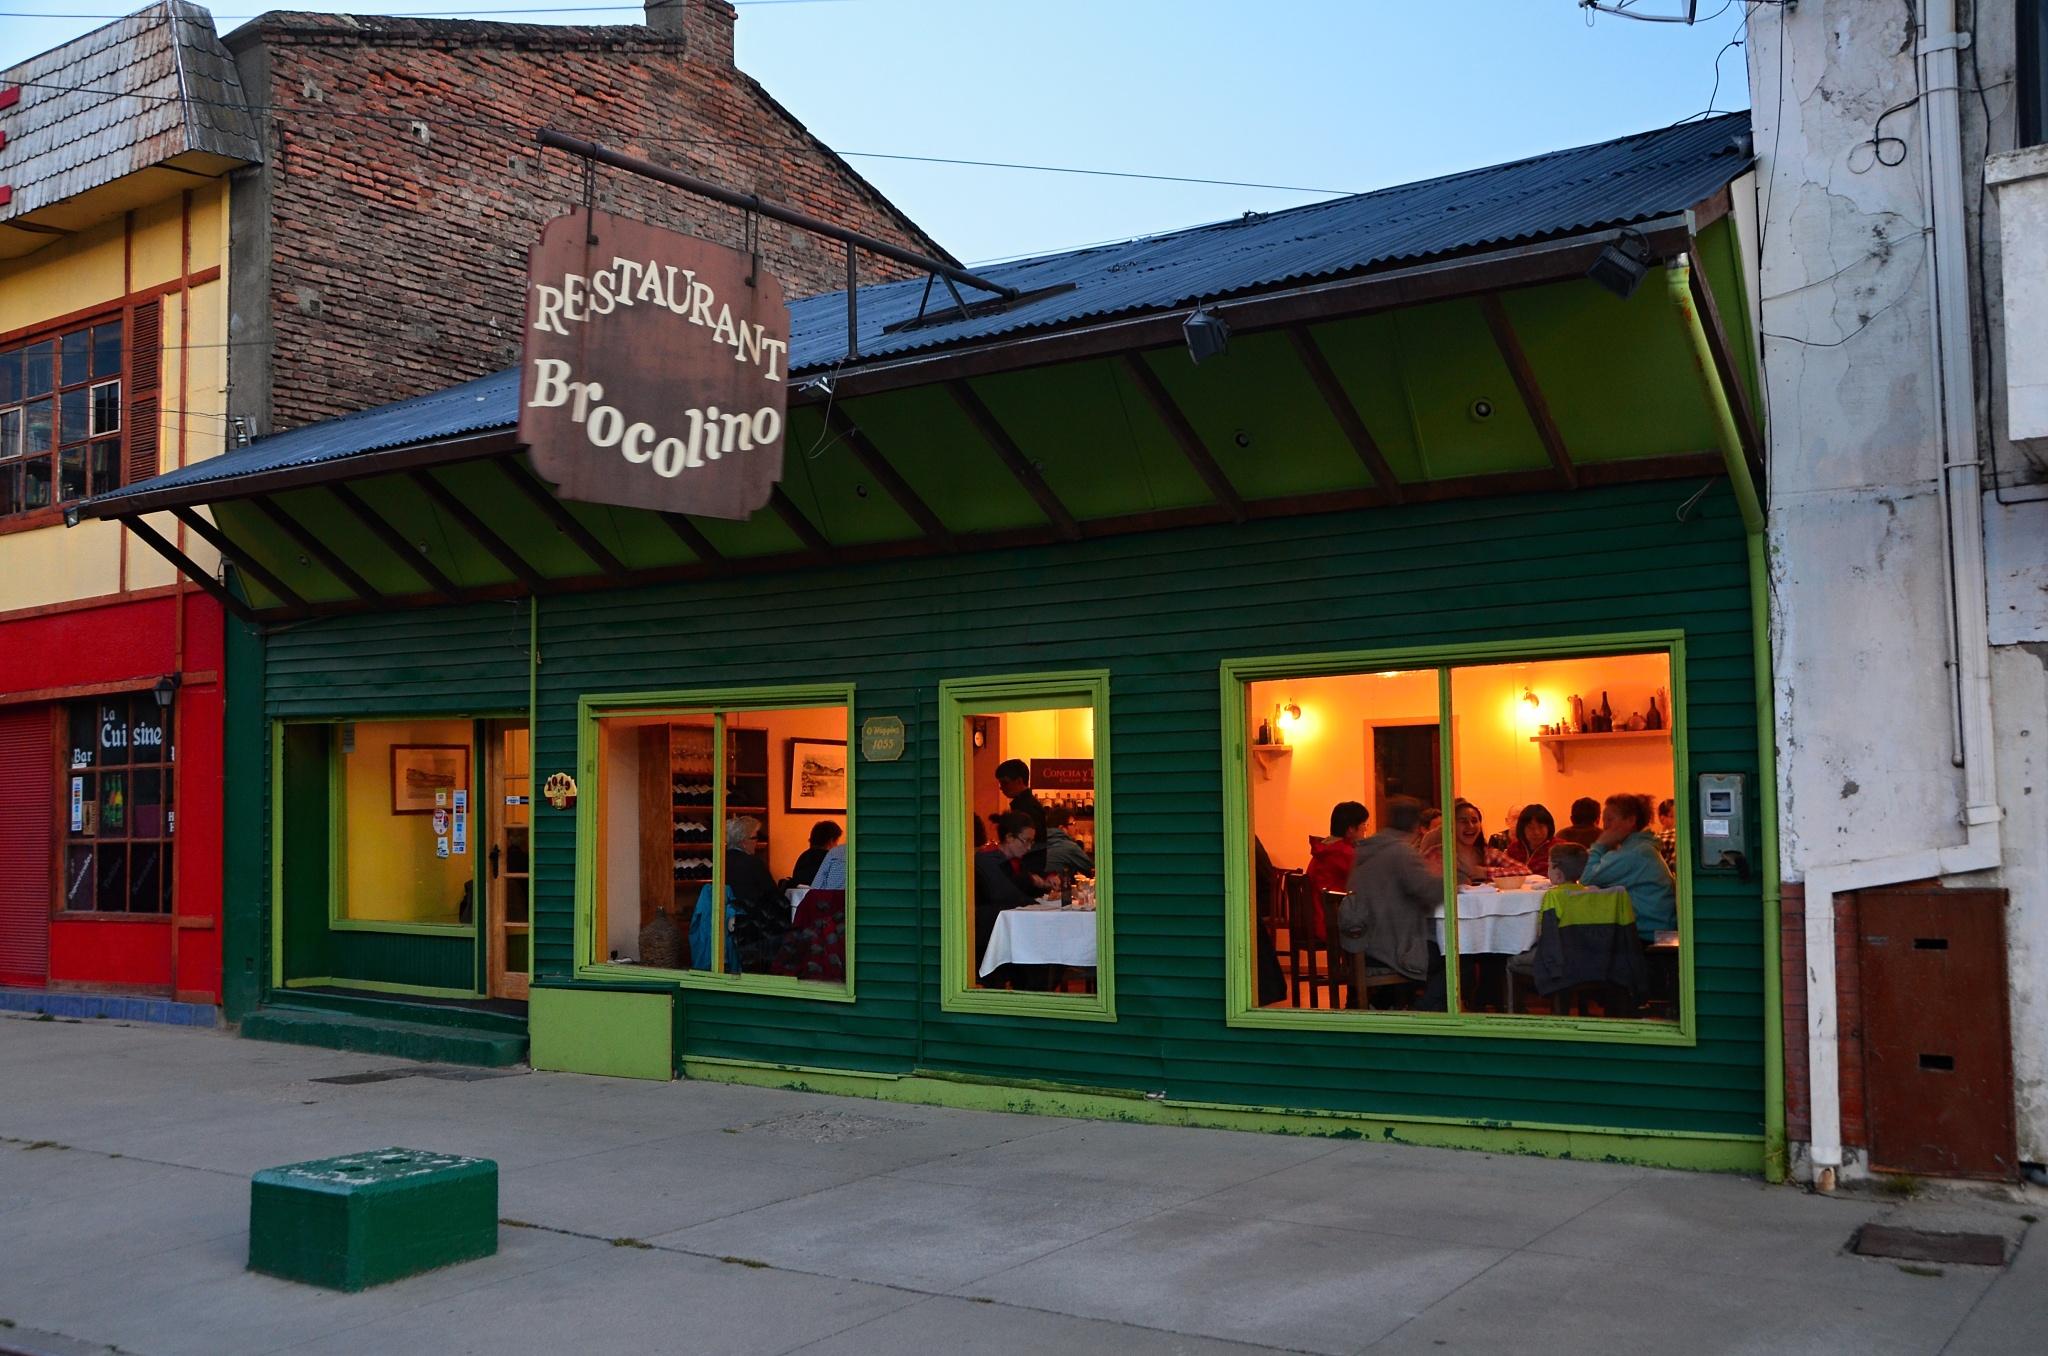 Restaurace Brocolino, kam jsme zašli na večeři